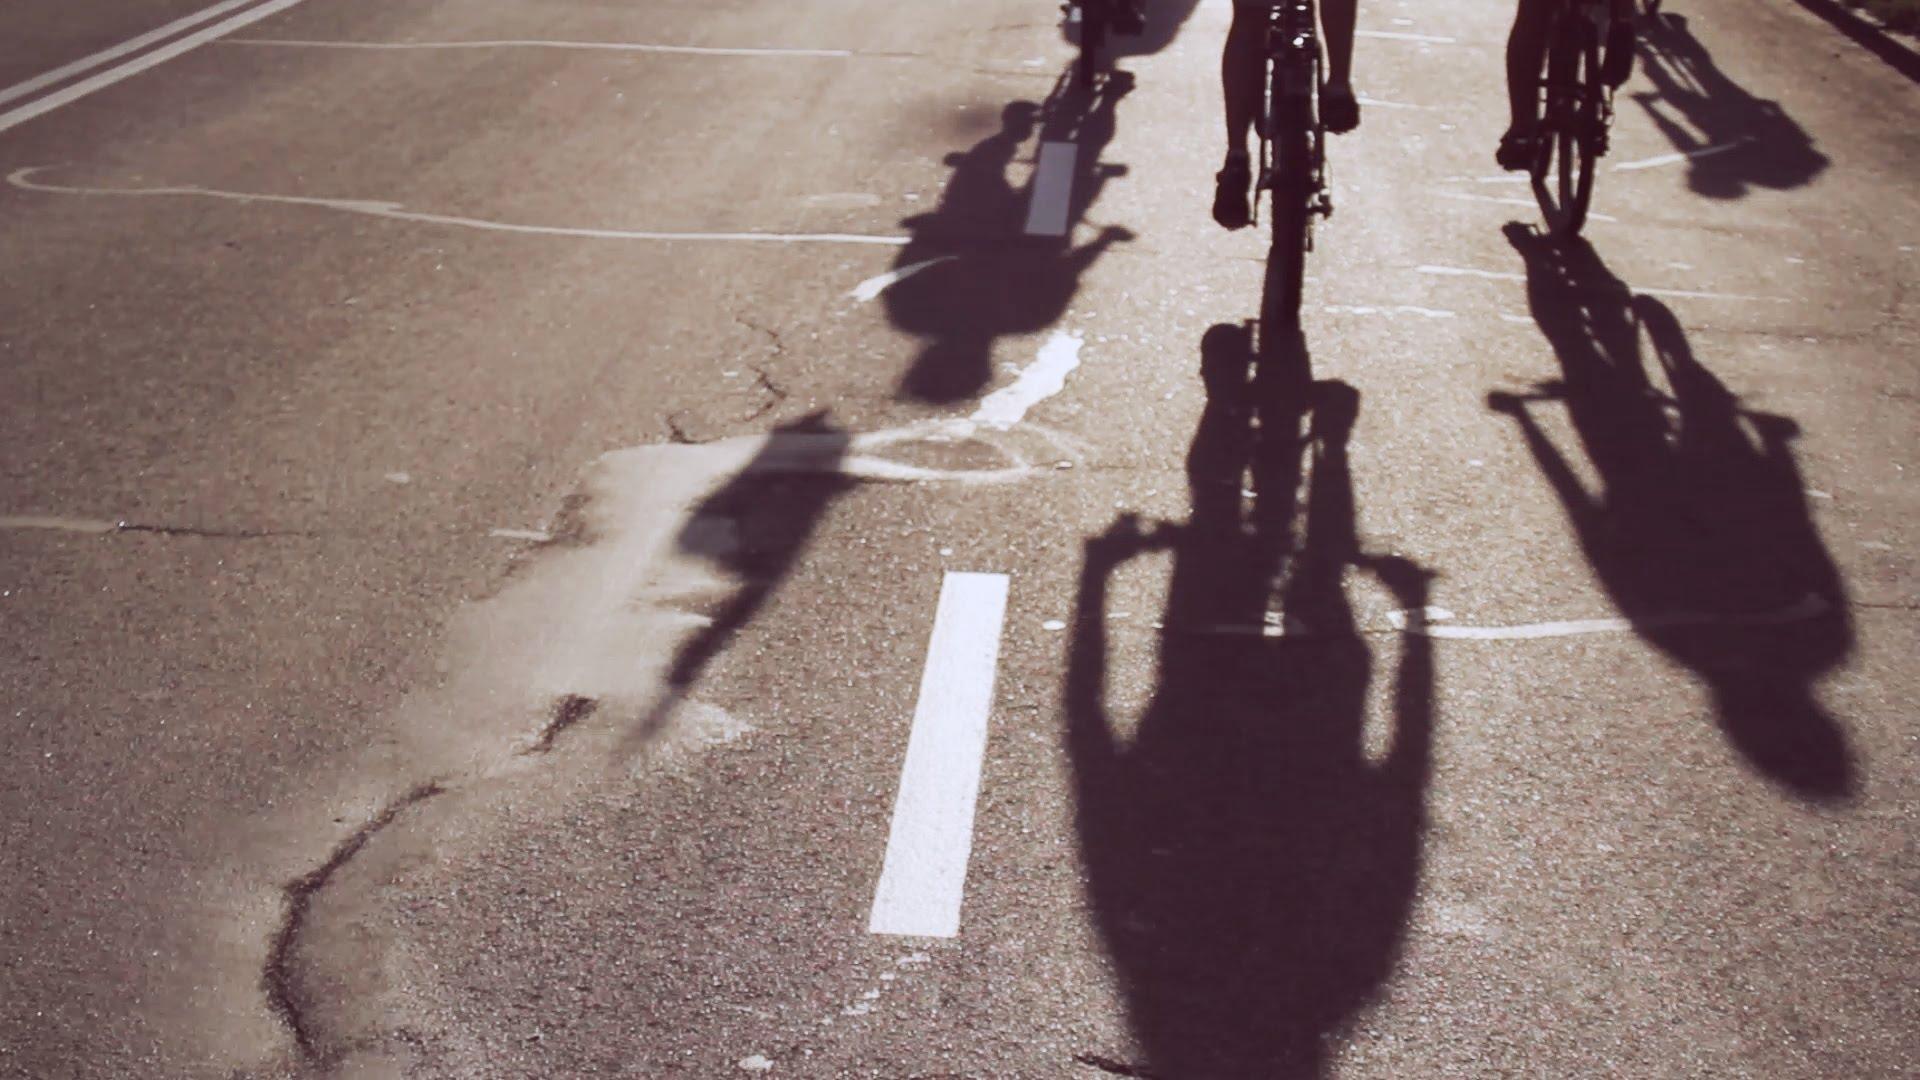 Асфальтова дорога, на ній довгі тіні від велосипедів, що їдуть назустріч